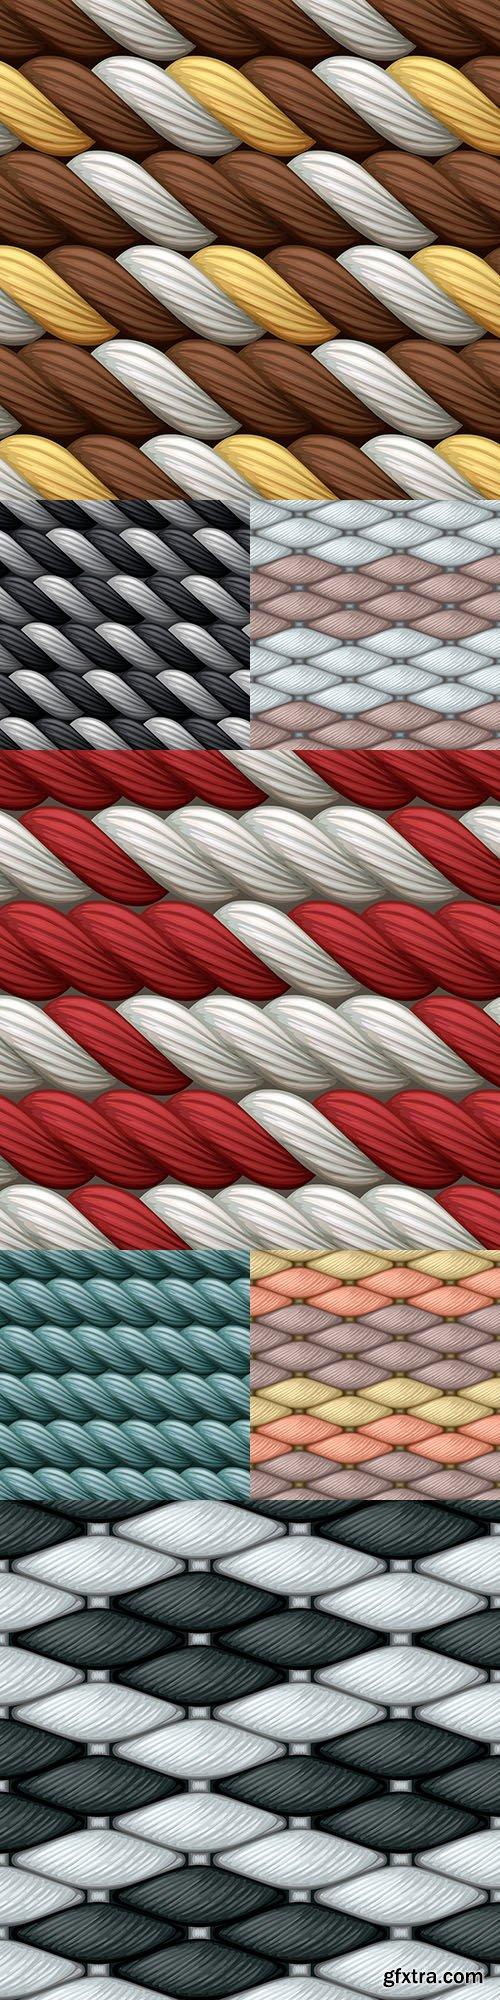 Bound wool pattern decorative design vintage